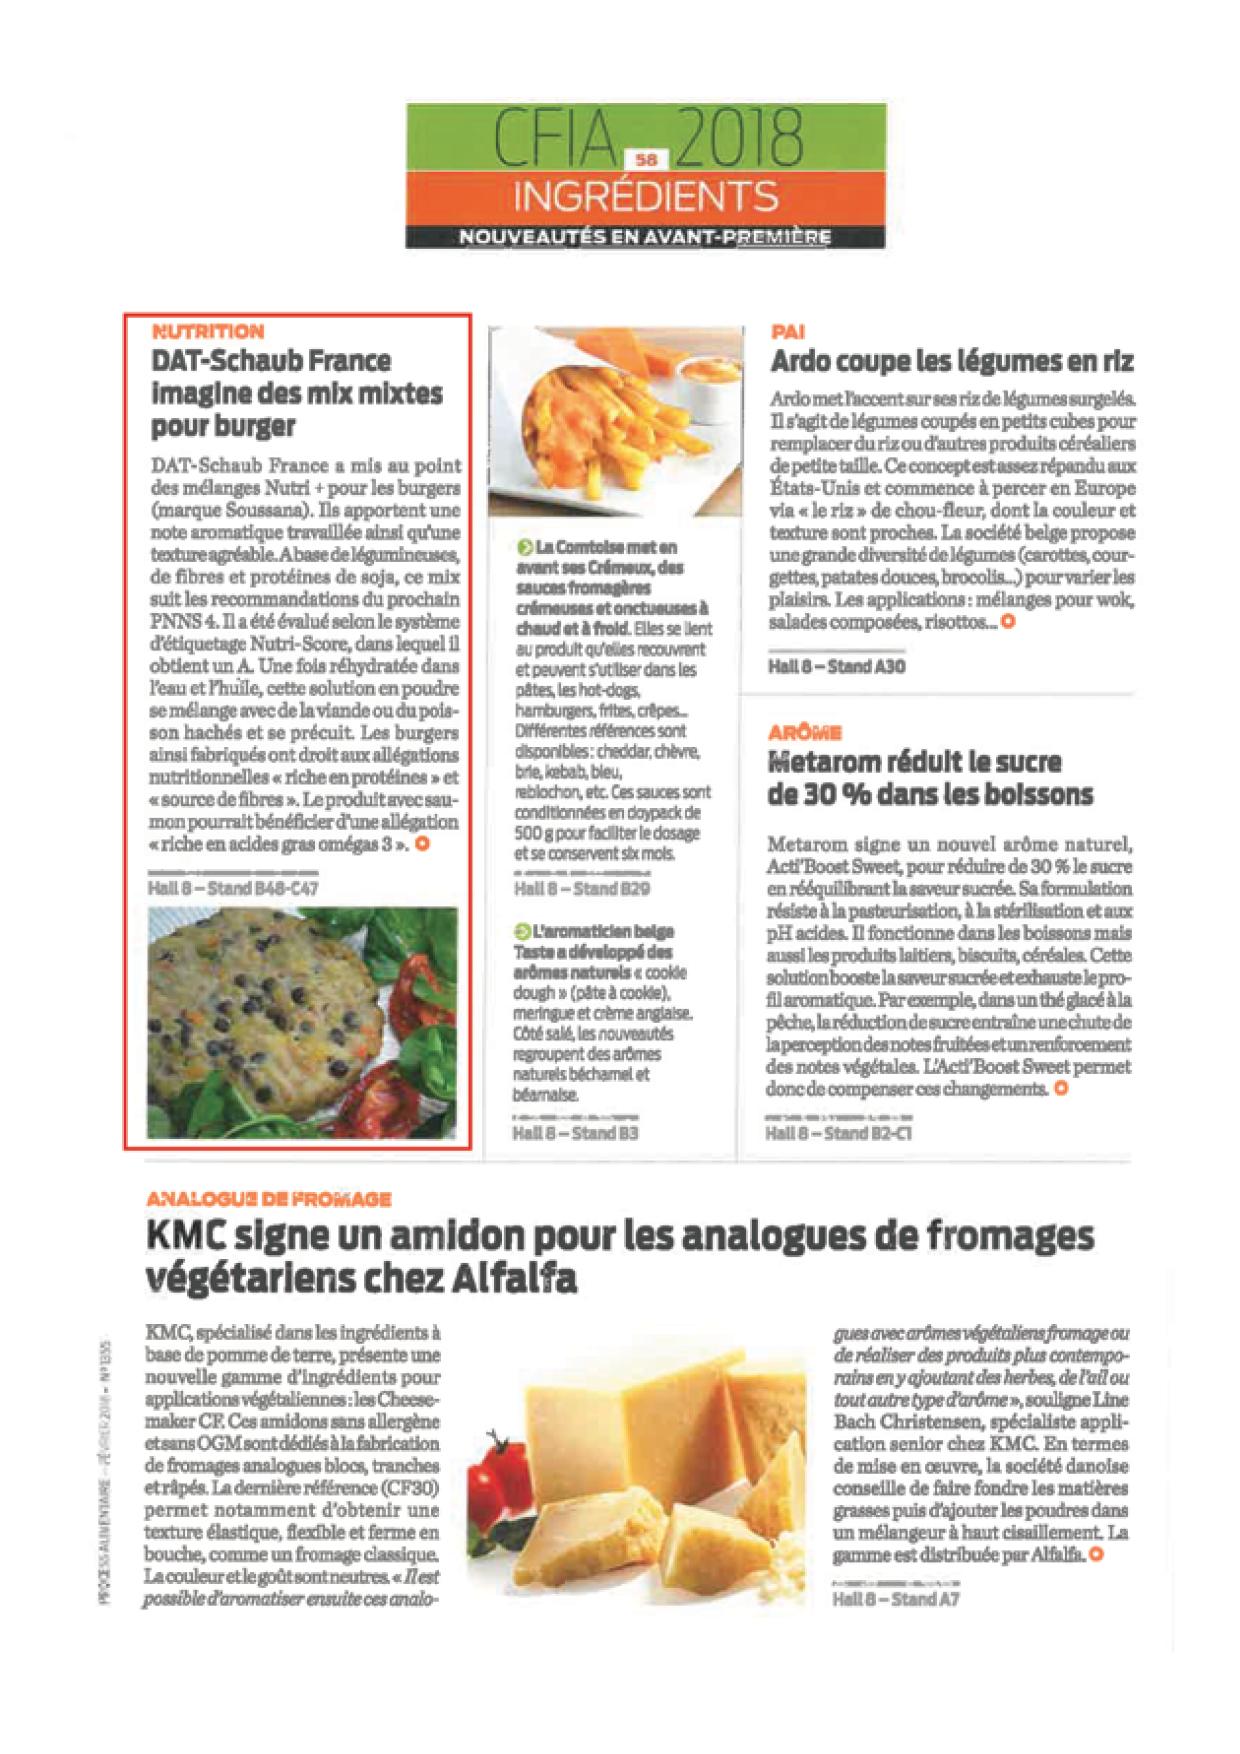 Articles sur les burgers Nutri + et les enrobages santé dans PROCESS N°1355 de février 2018 et Guide du salon de PROCESS de mars 20183